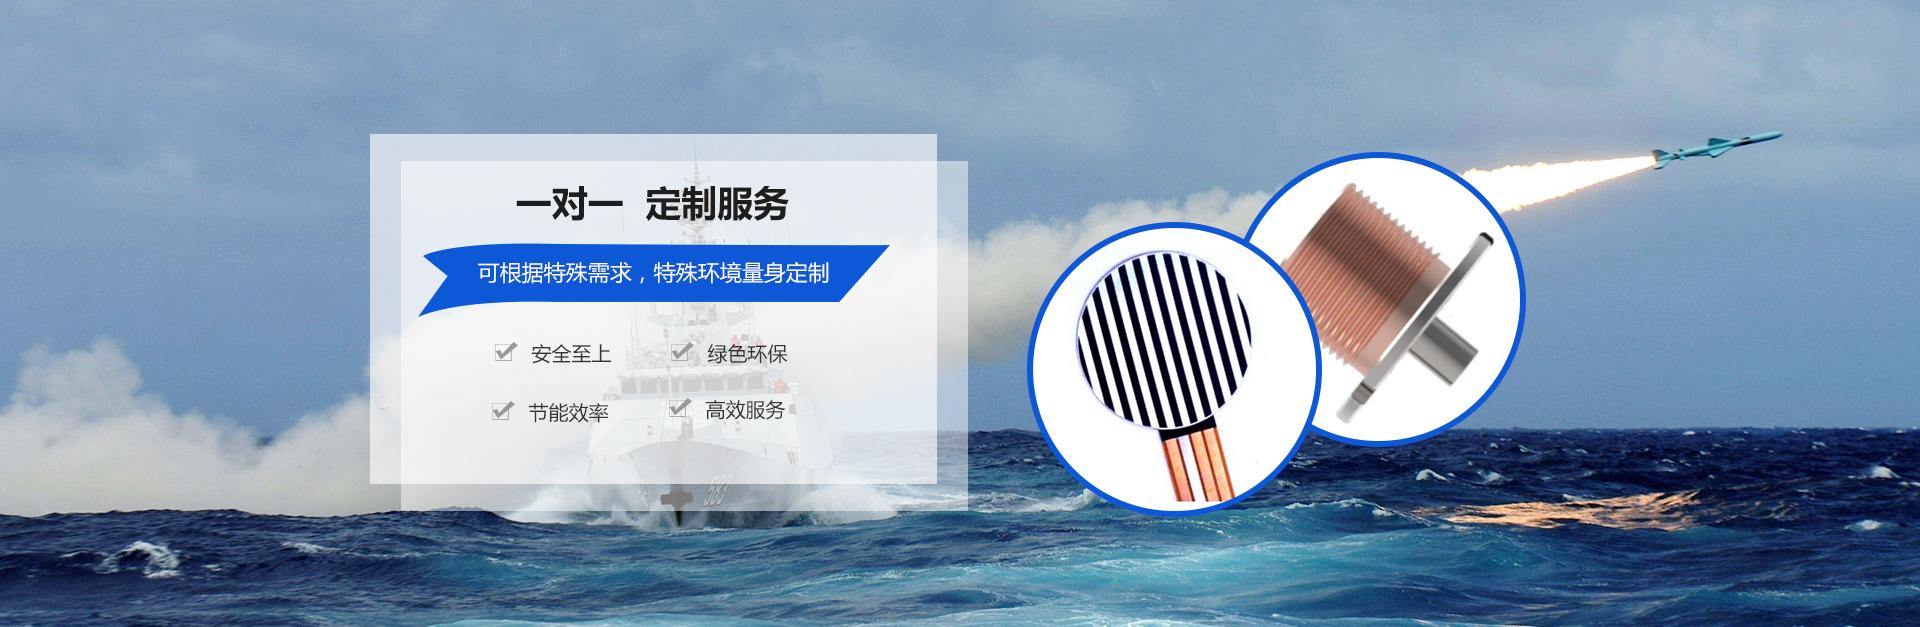 温度测试供应传感器项目